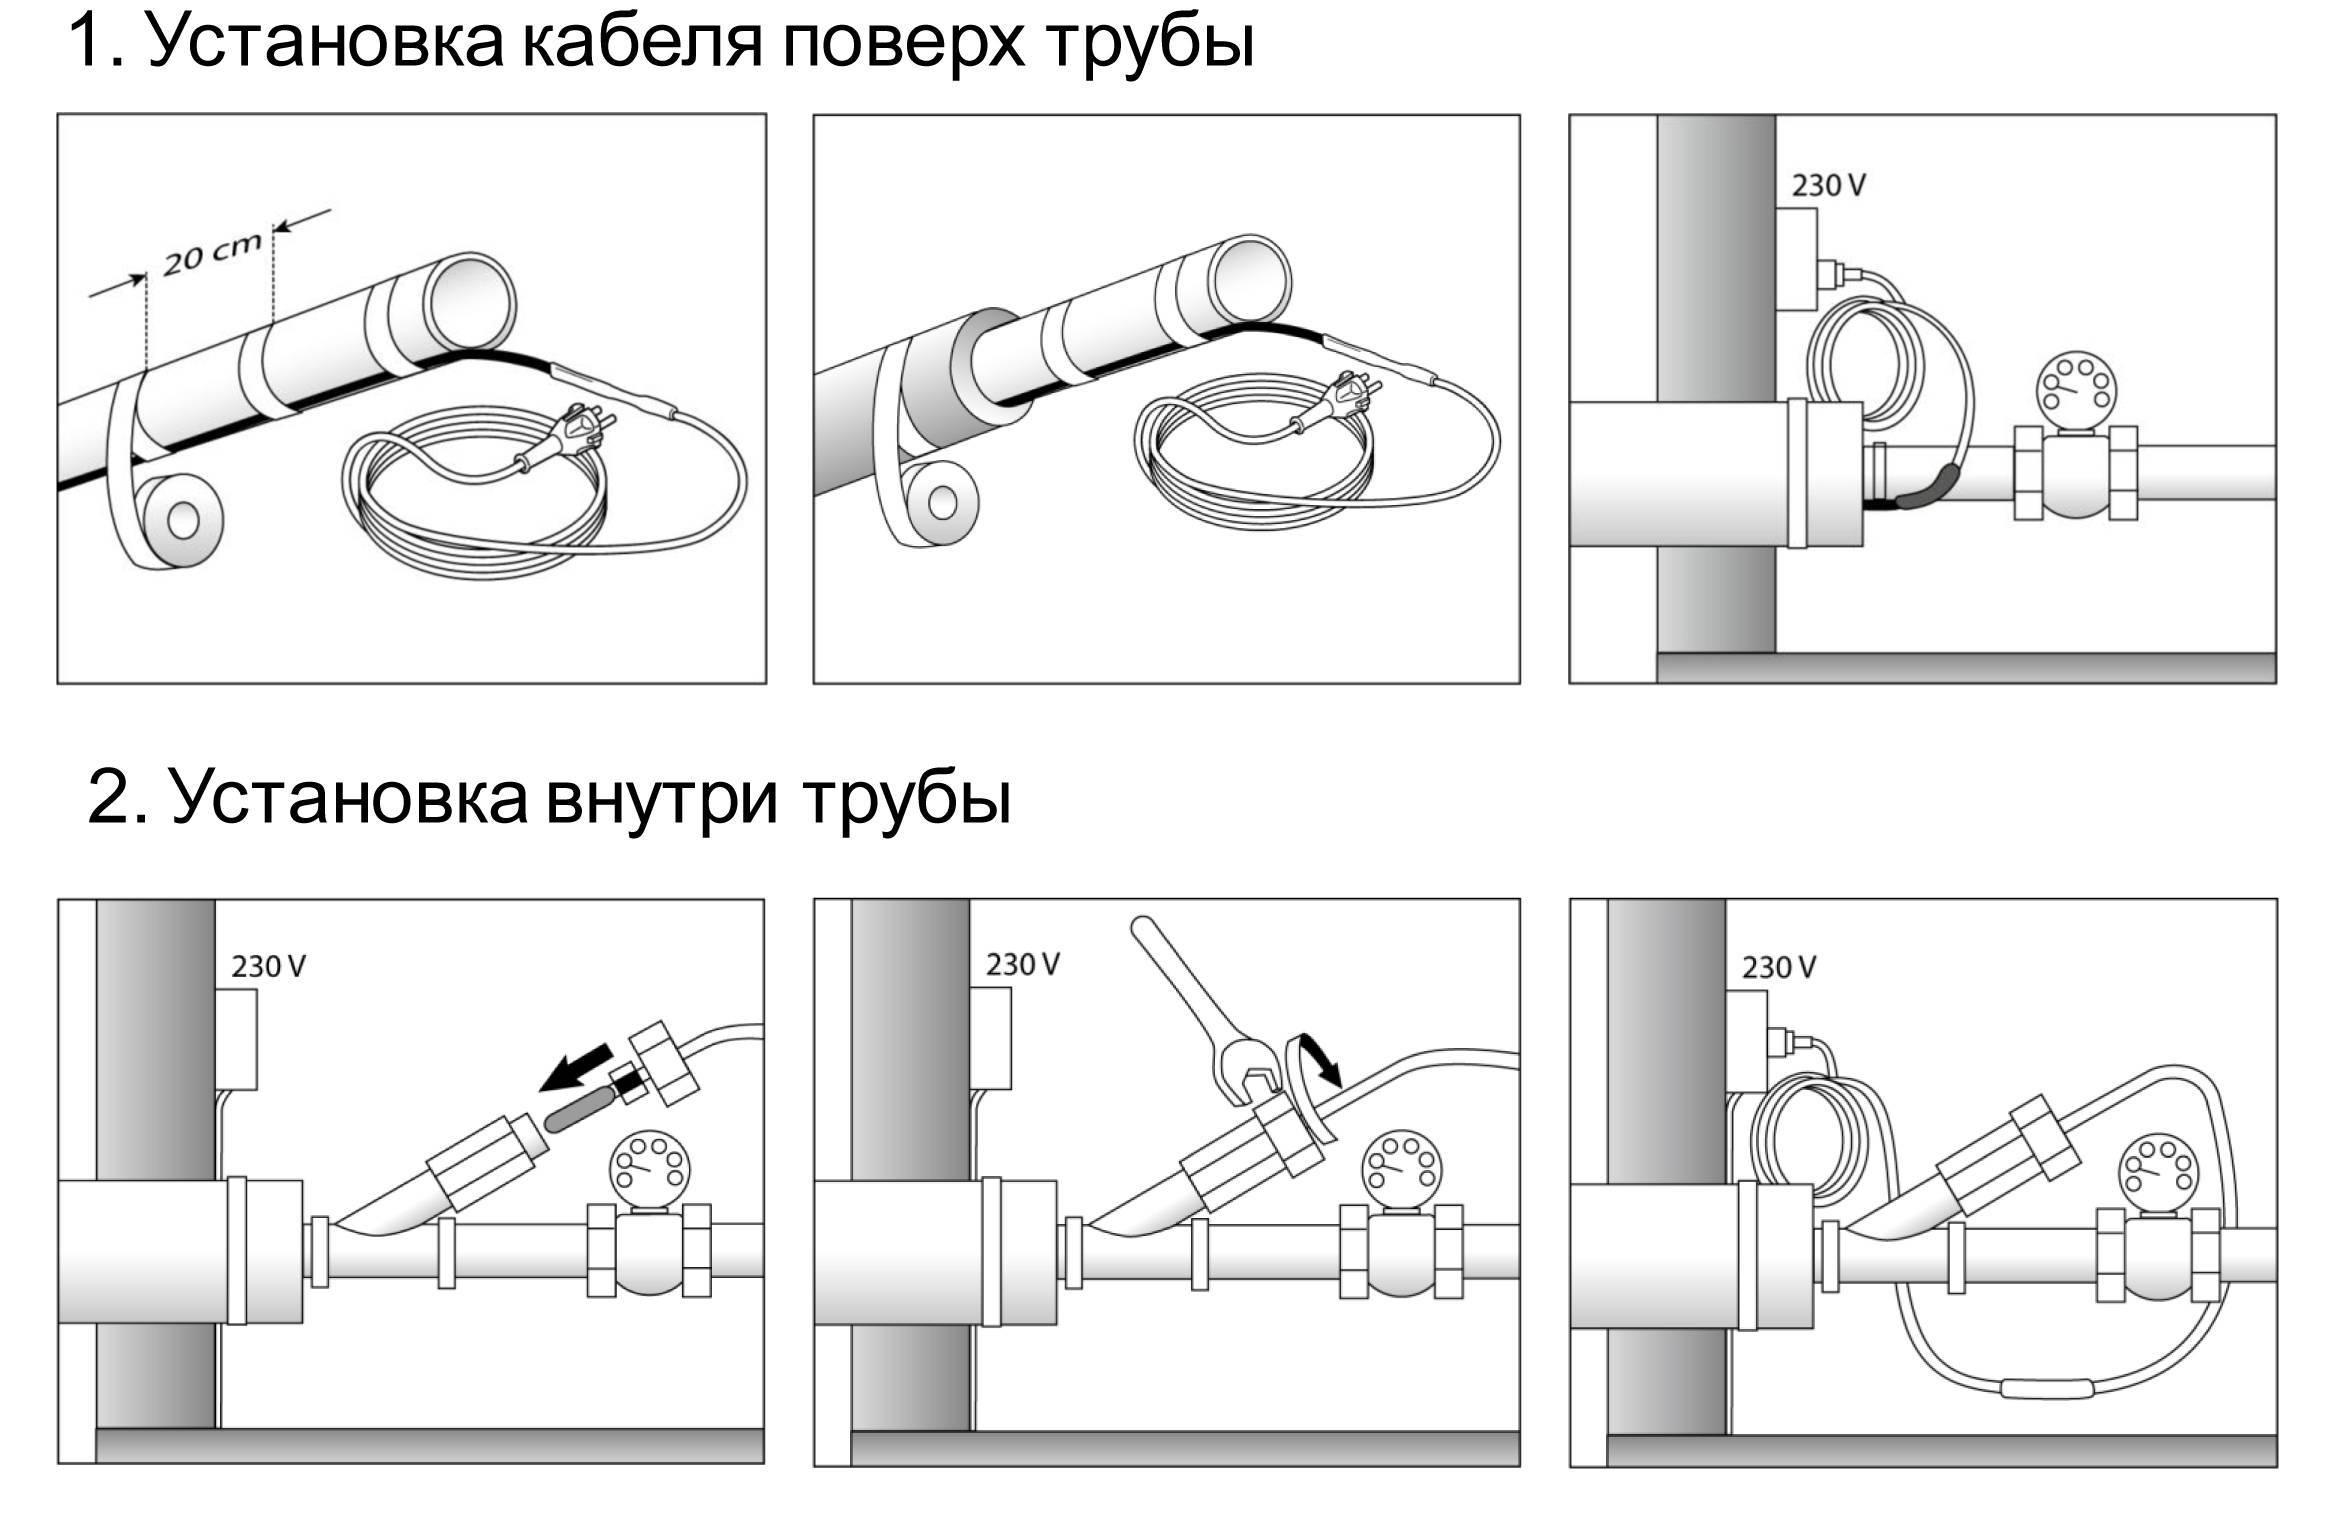 Обогрев труб автономной канализации в частном доме кабелем делаем своими руками